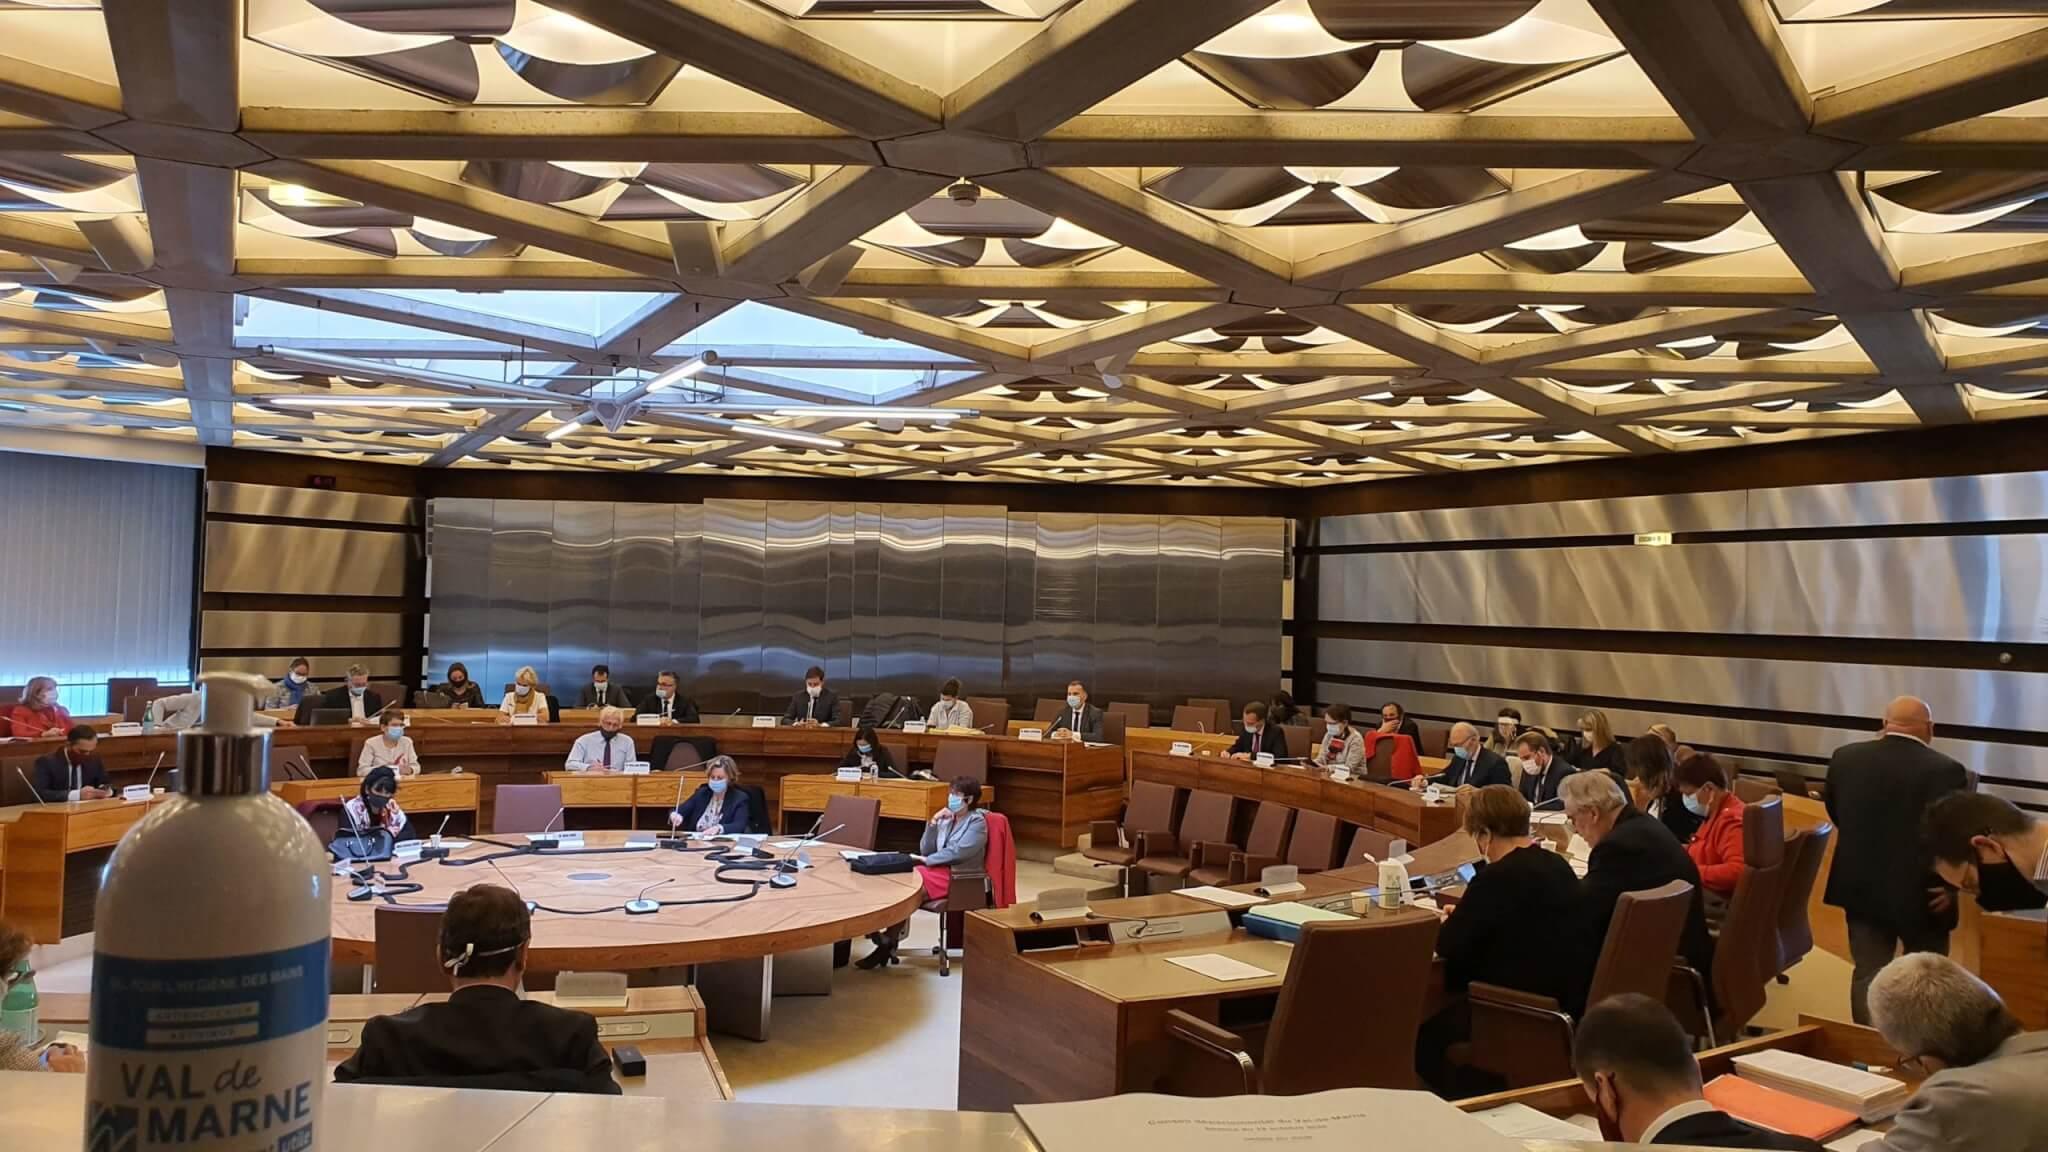 Le Conseil départemental du Val-de-Marne vote une rallonge budgétaire de crise